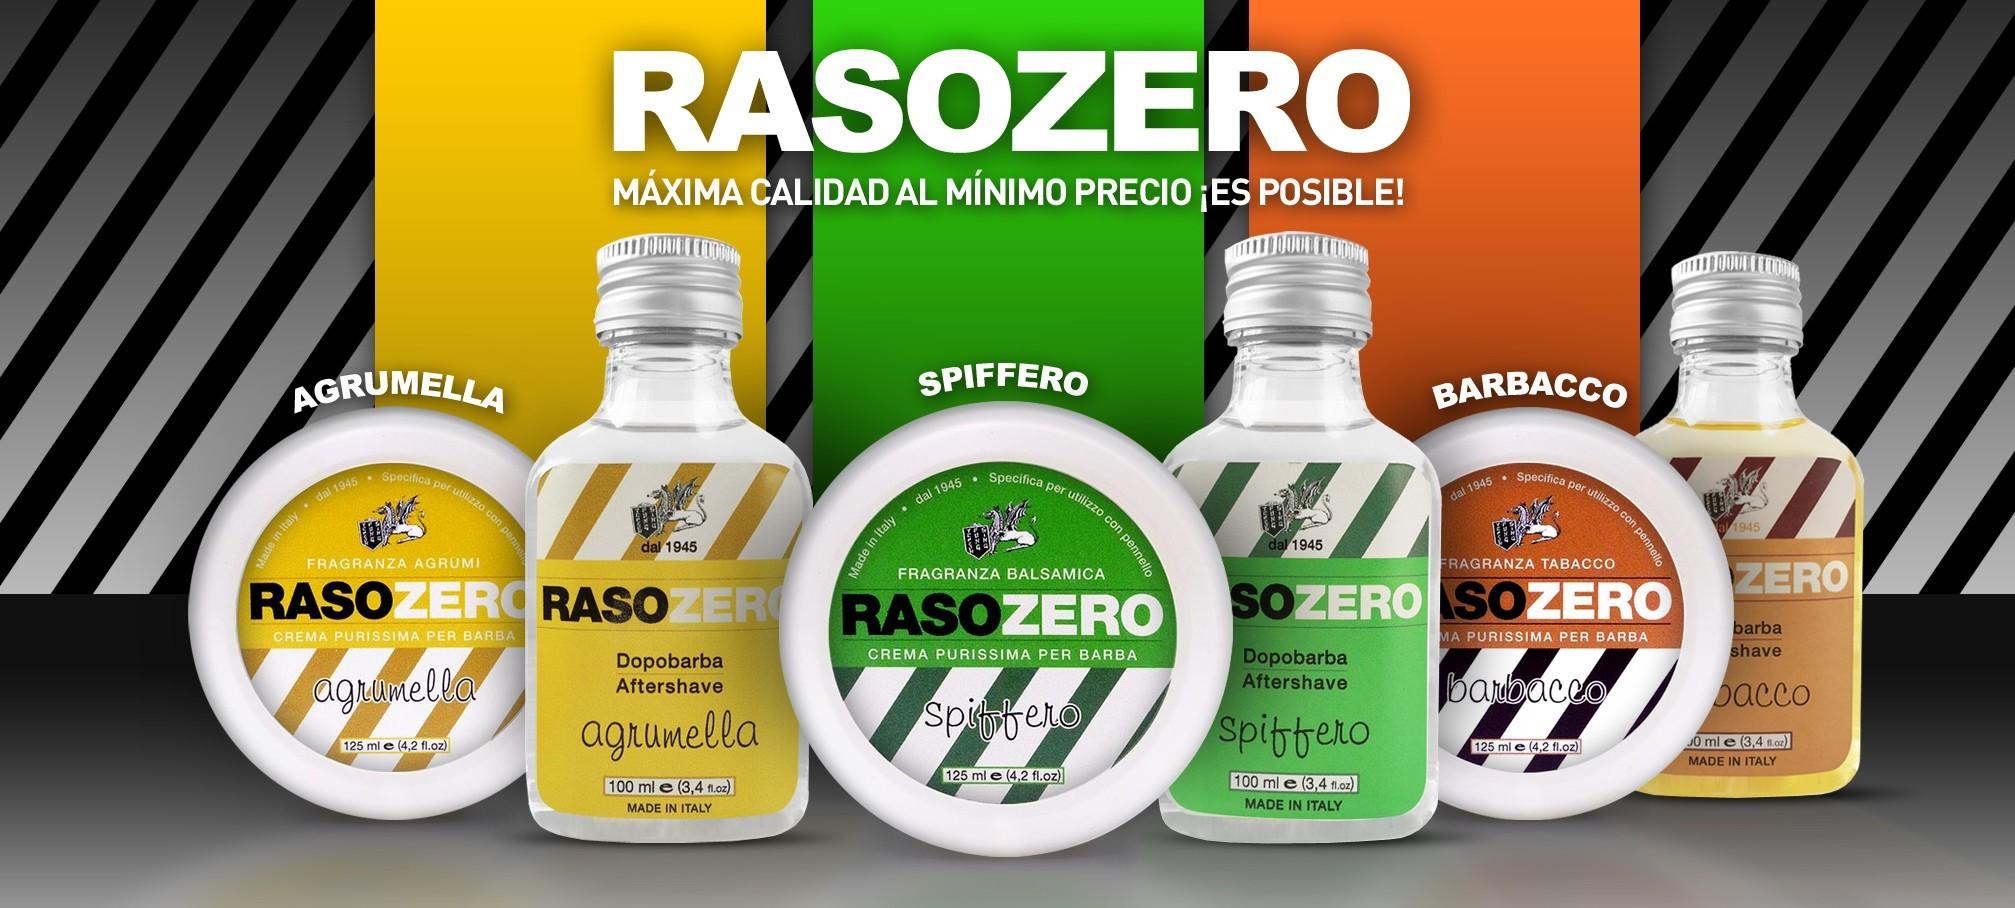 Afbeeldingsresultaat voor rasozero